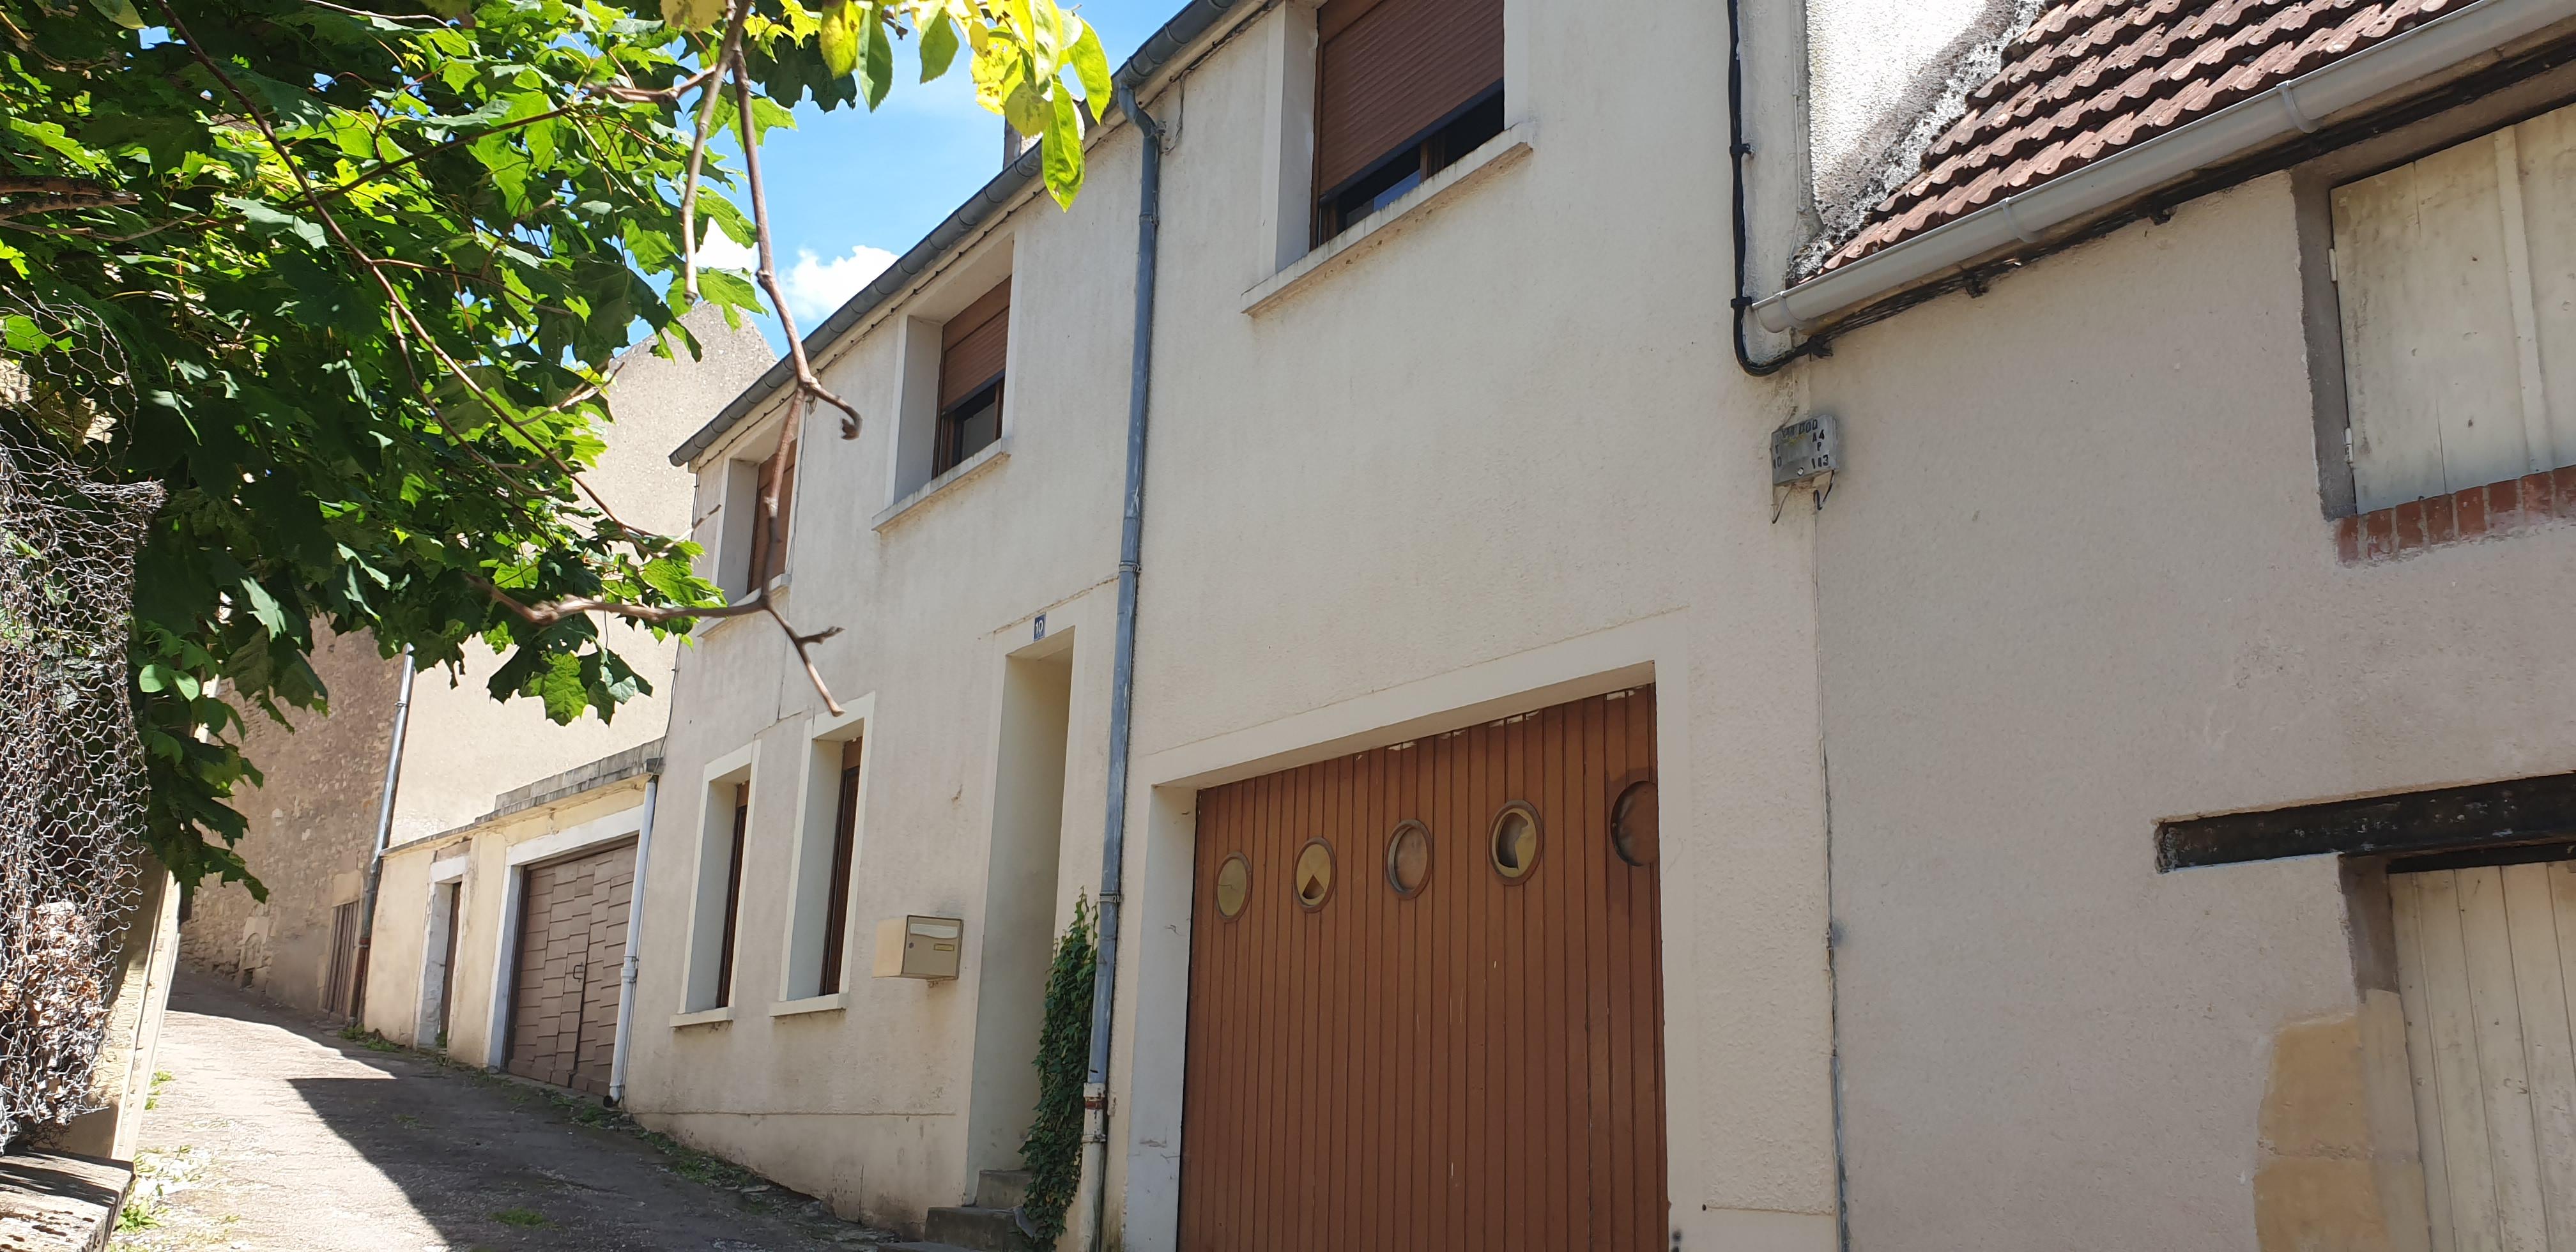 Maison 90 m² habitables